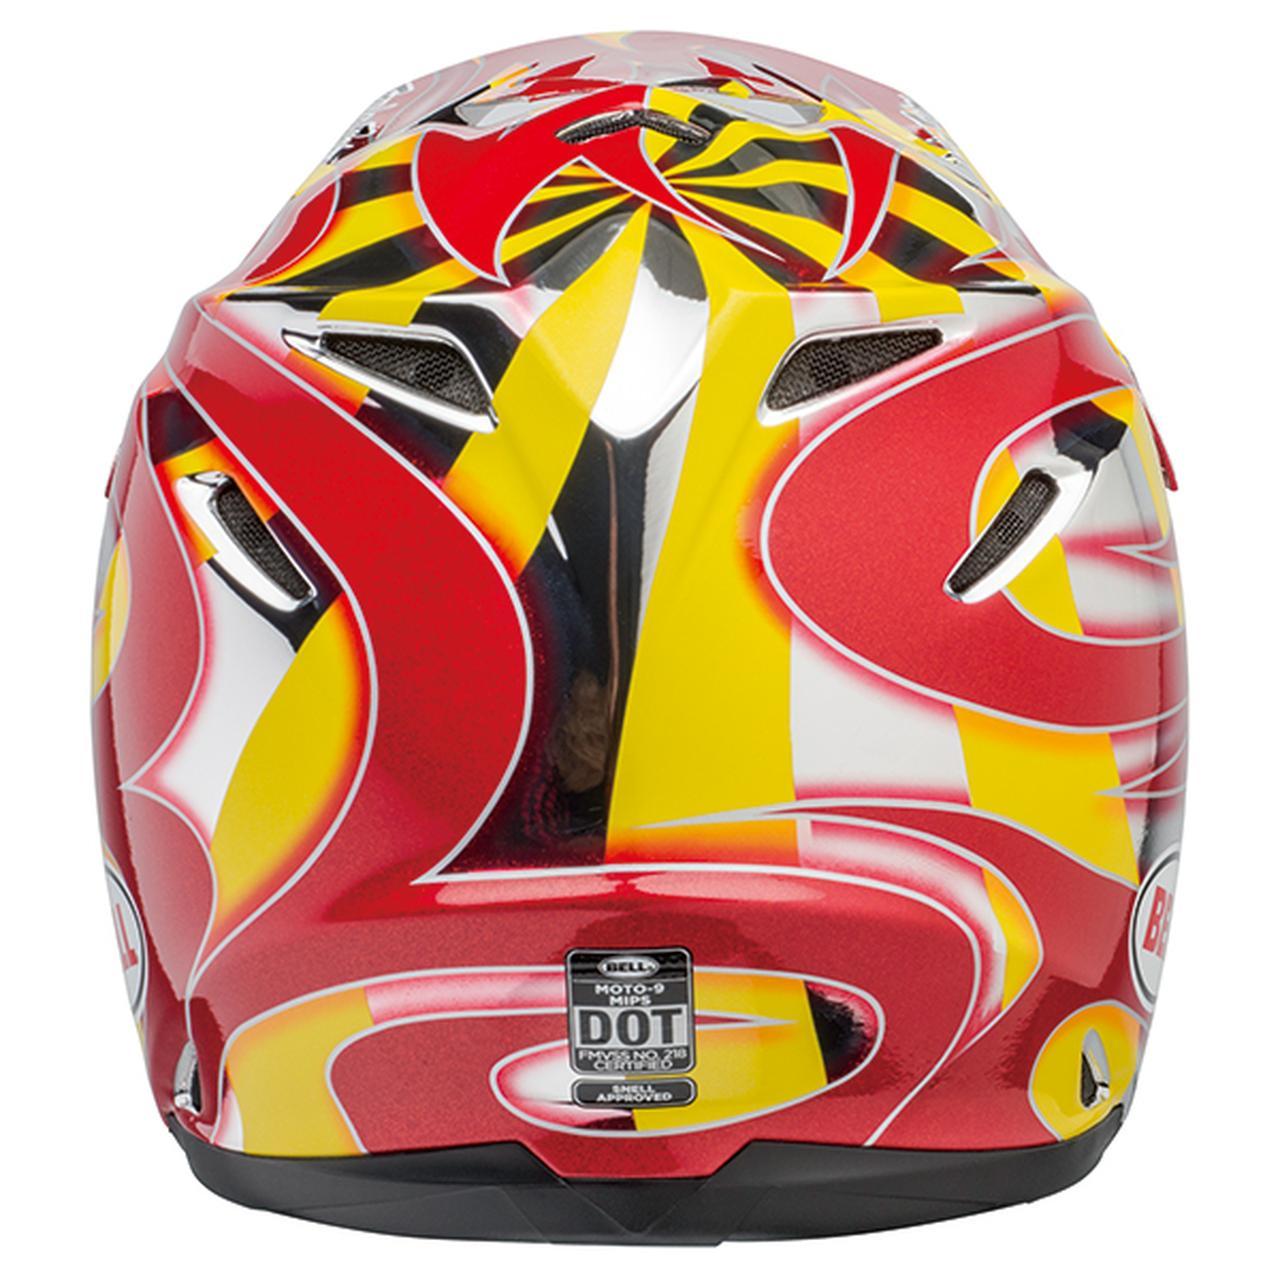 """Images : 7番目の画像 - 「BELLヘルメットが日本上陸、本場アメリカの「ホンモノ」なら最新鋭""""MOTO-9""""シリーズ」のアルバム - Off1.jp(オフワン・ドット・ジェイピー)"""